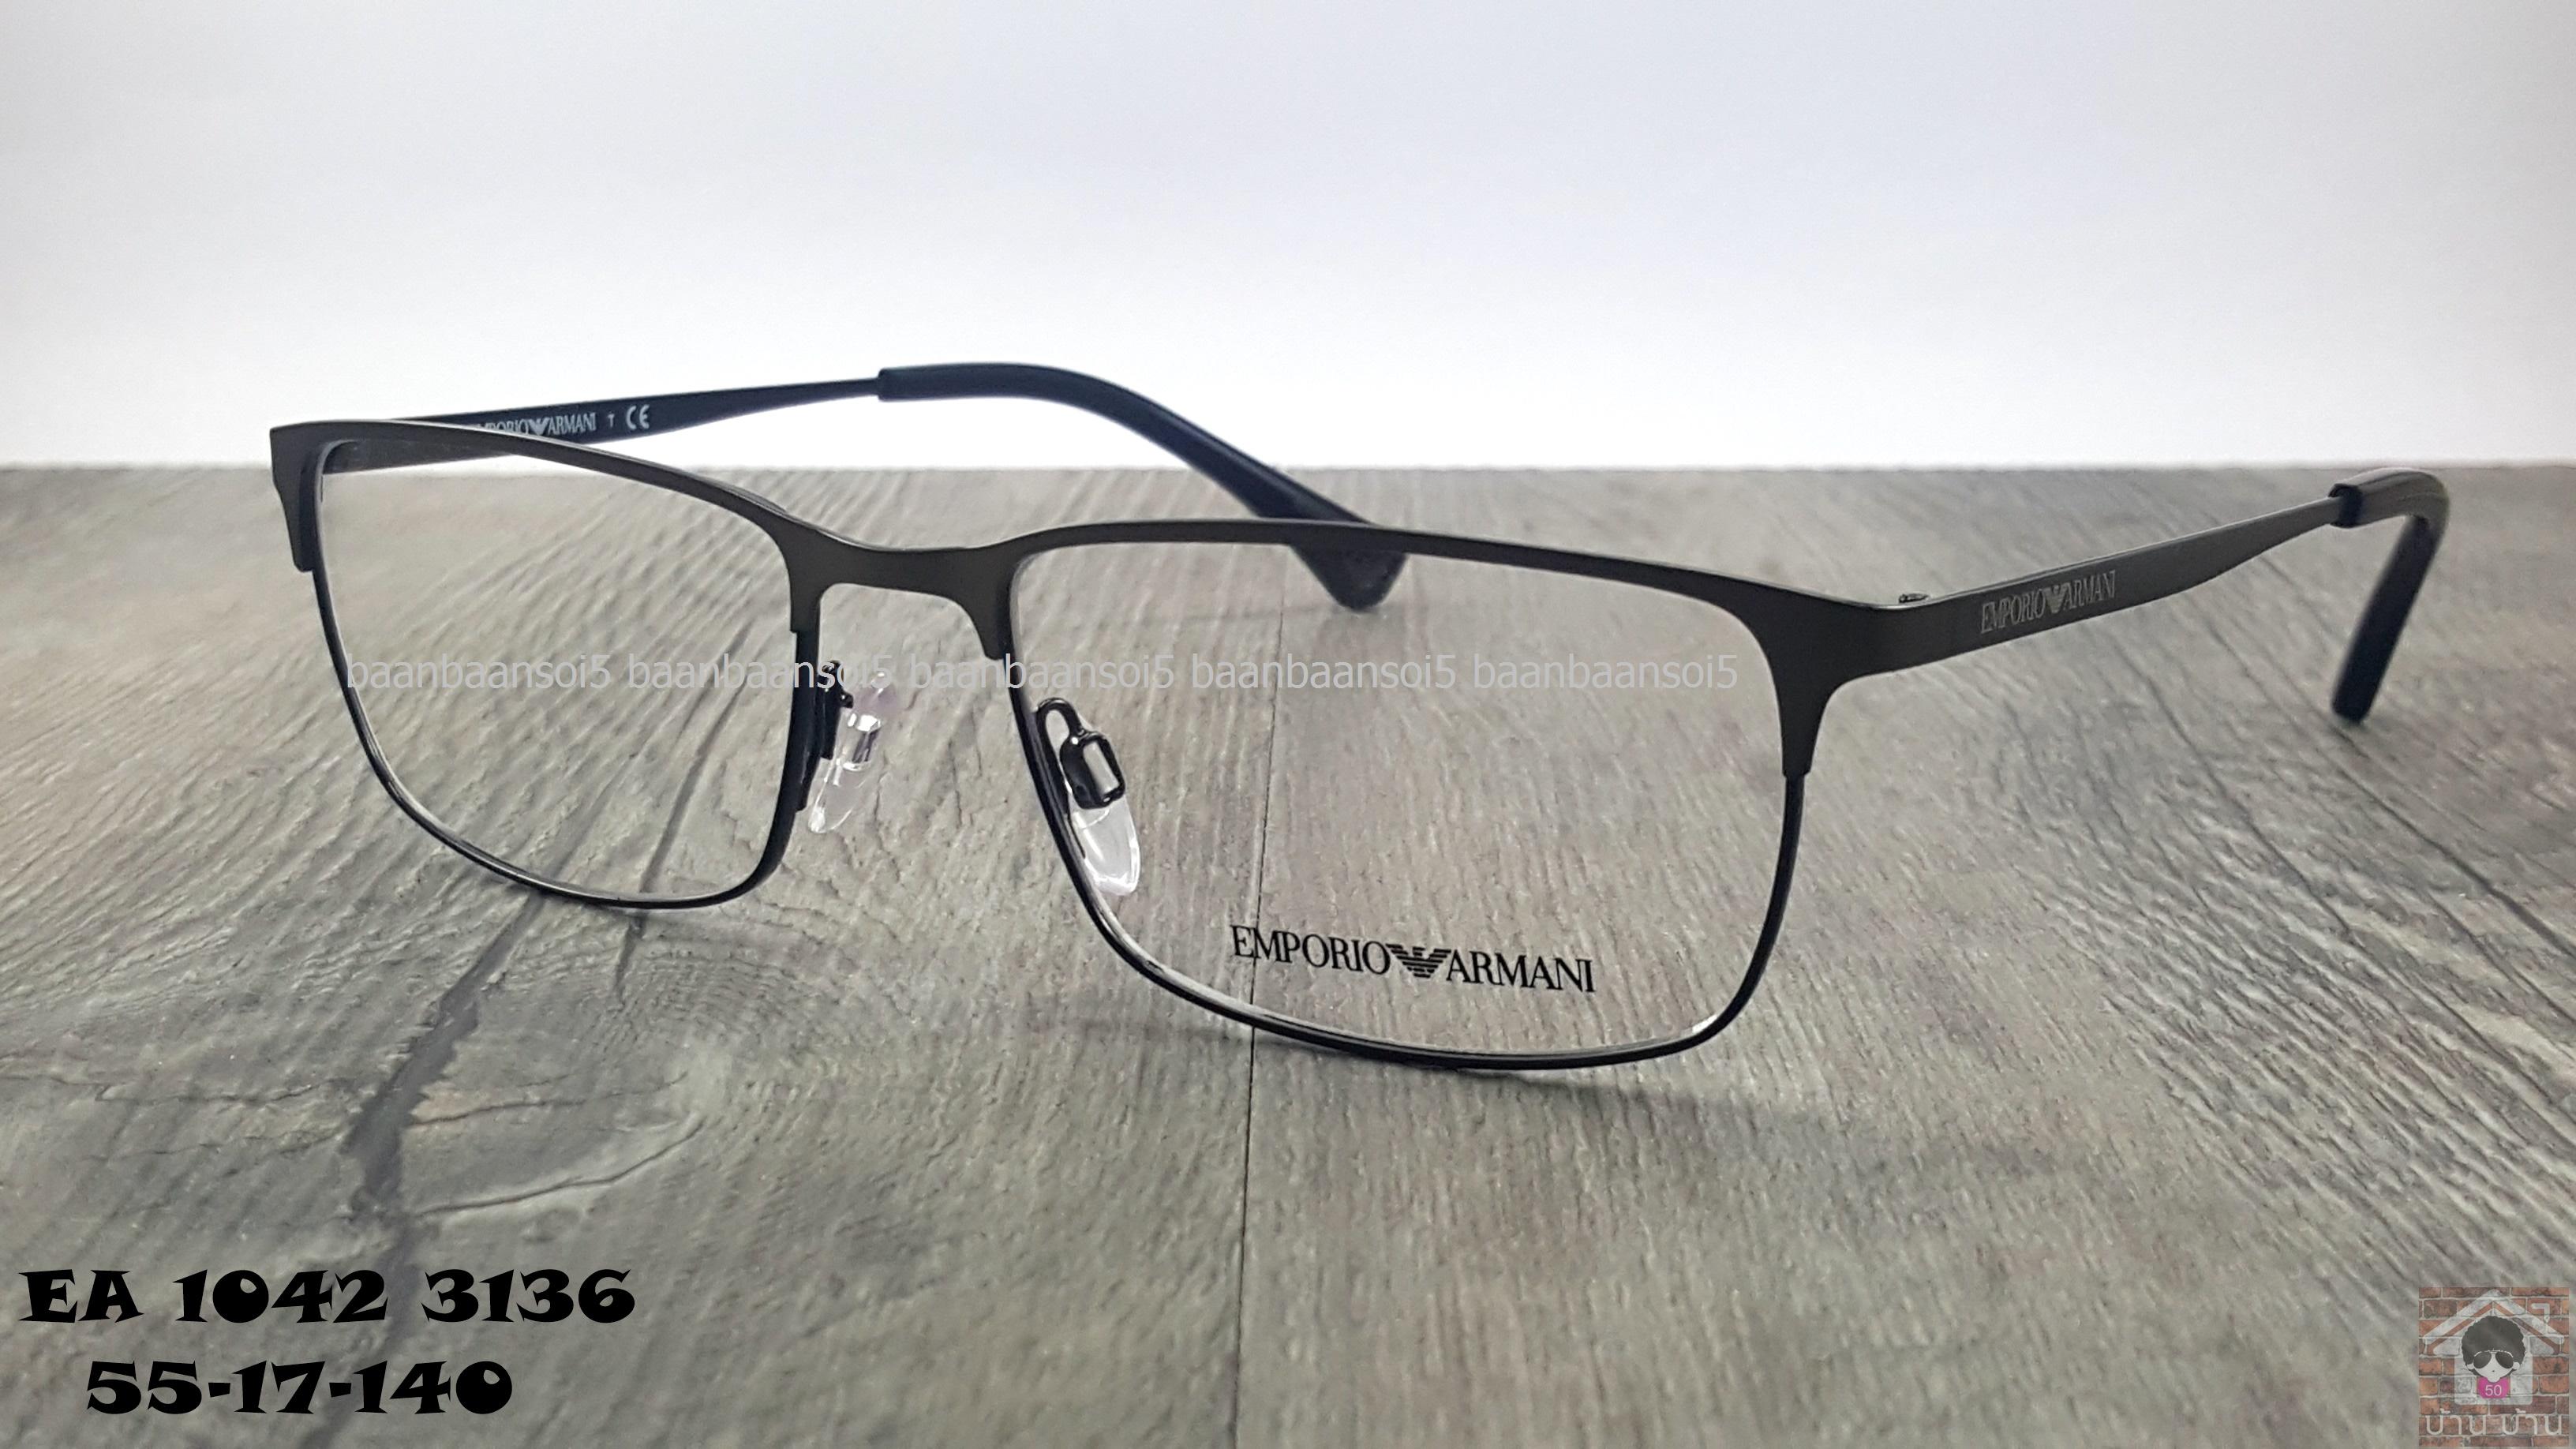 Empoiro Armani EA 1042 3126 โปรโมชั่น กรอบแว่นตาพร้อมเลนส์ HOYA ราคา 4,800 บาท